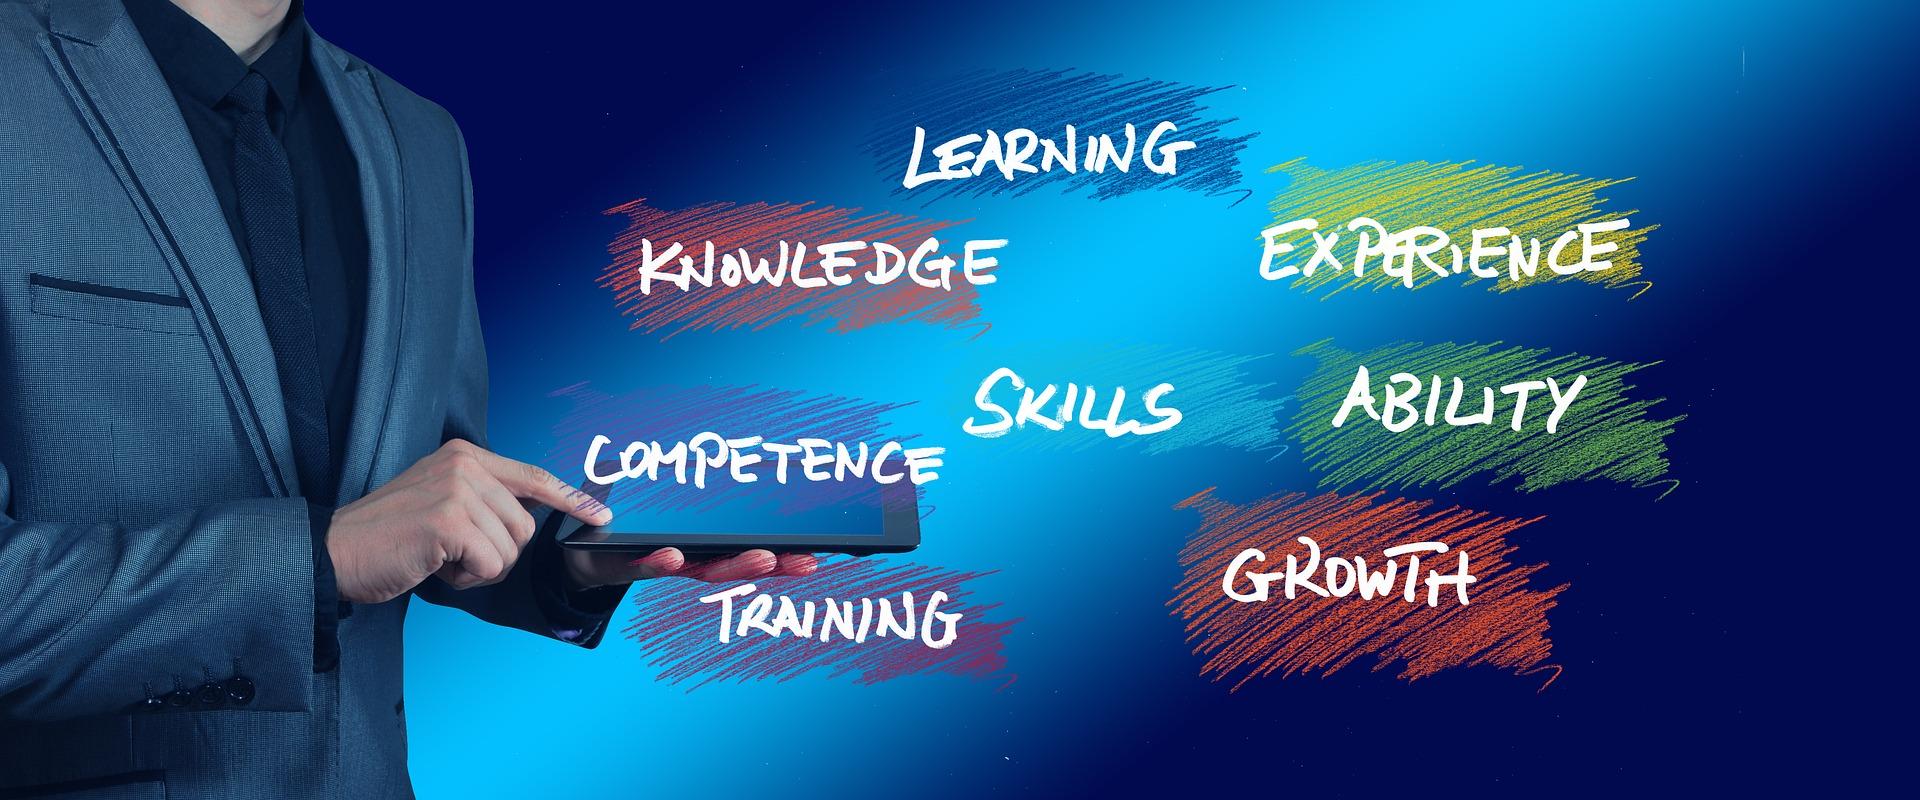 tworzenie / weryfikacja / audyt / budowanie ścieżek rozwoju,